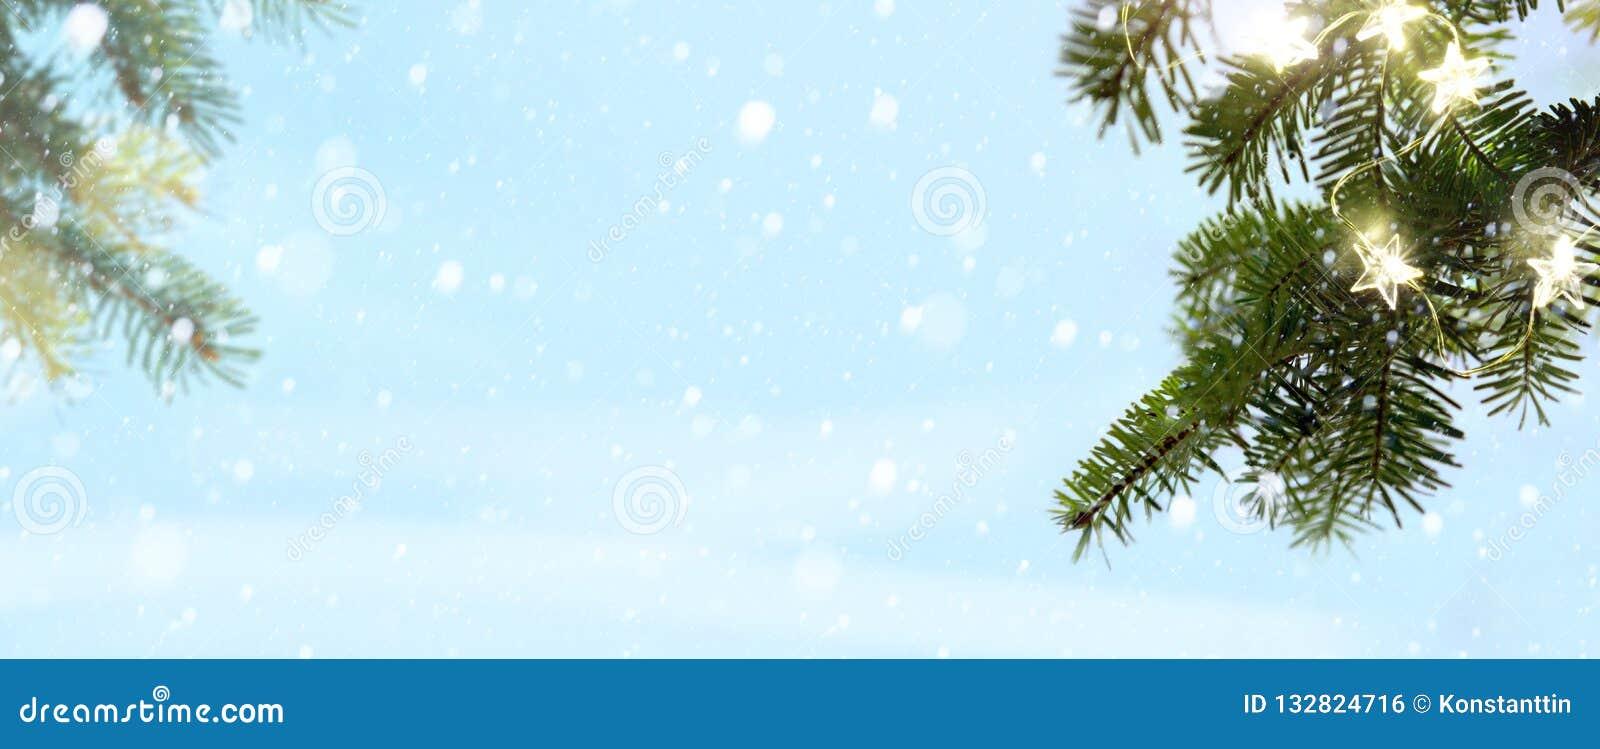 Vrolijke Kerstmis - sneeuw en sparrentakken met vakantielicht